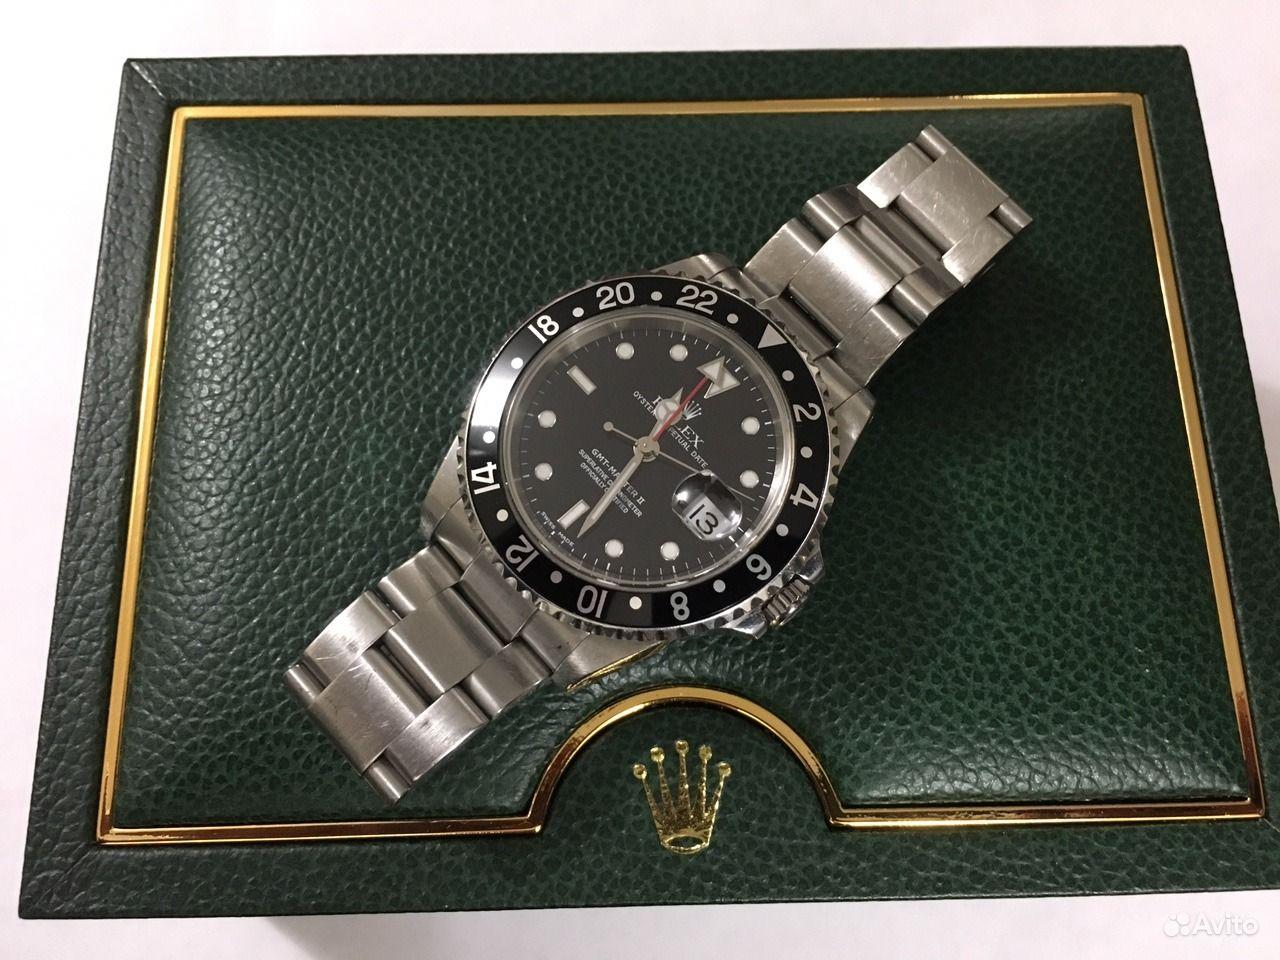 Купить в ростове на авито часы купить часы в москве мужские свотч